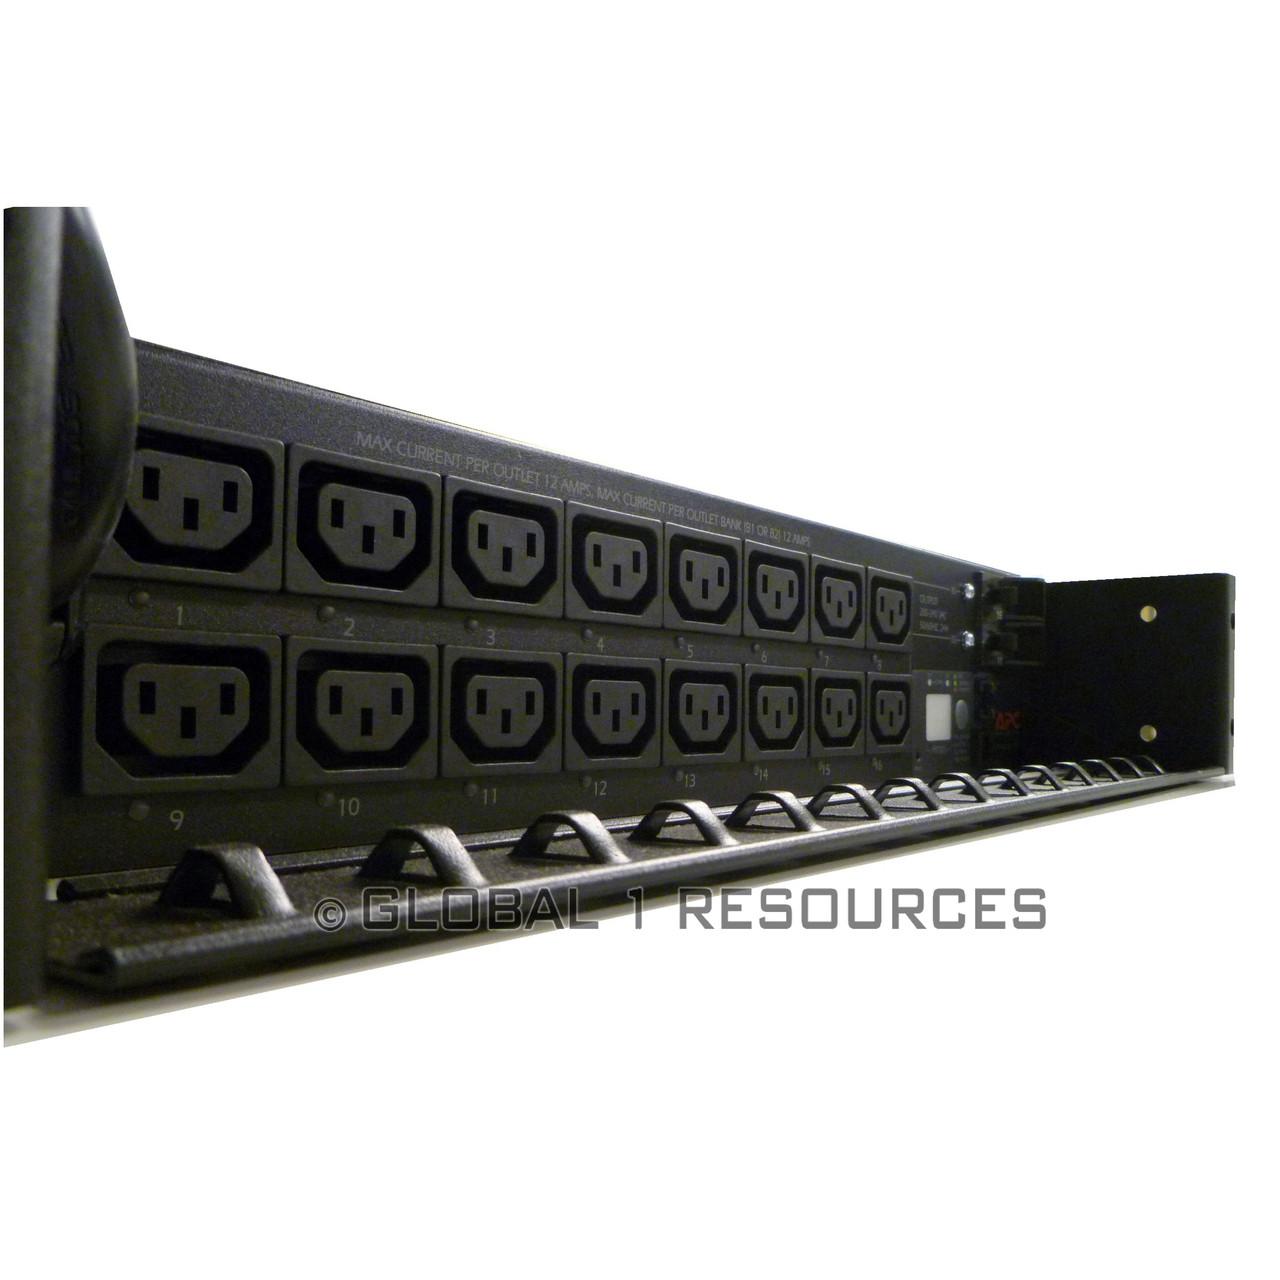 Apc Ap7911 30amp Switched Rack Mount Pdu Server Ar3100 Netshelter Sx 42u Enclosure Loading Zoom